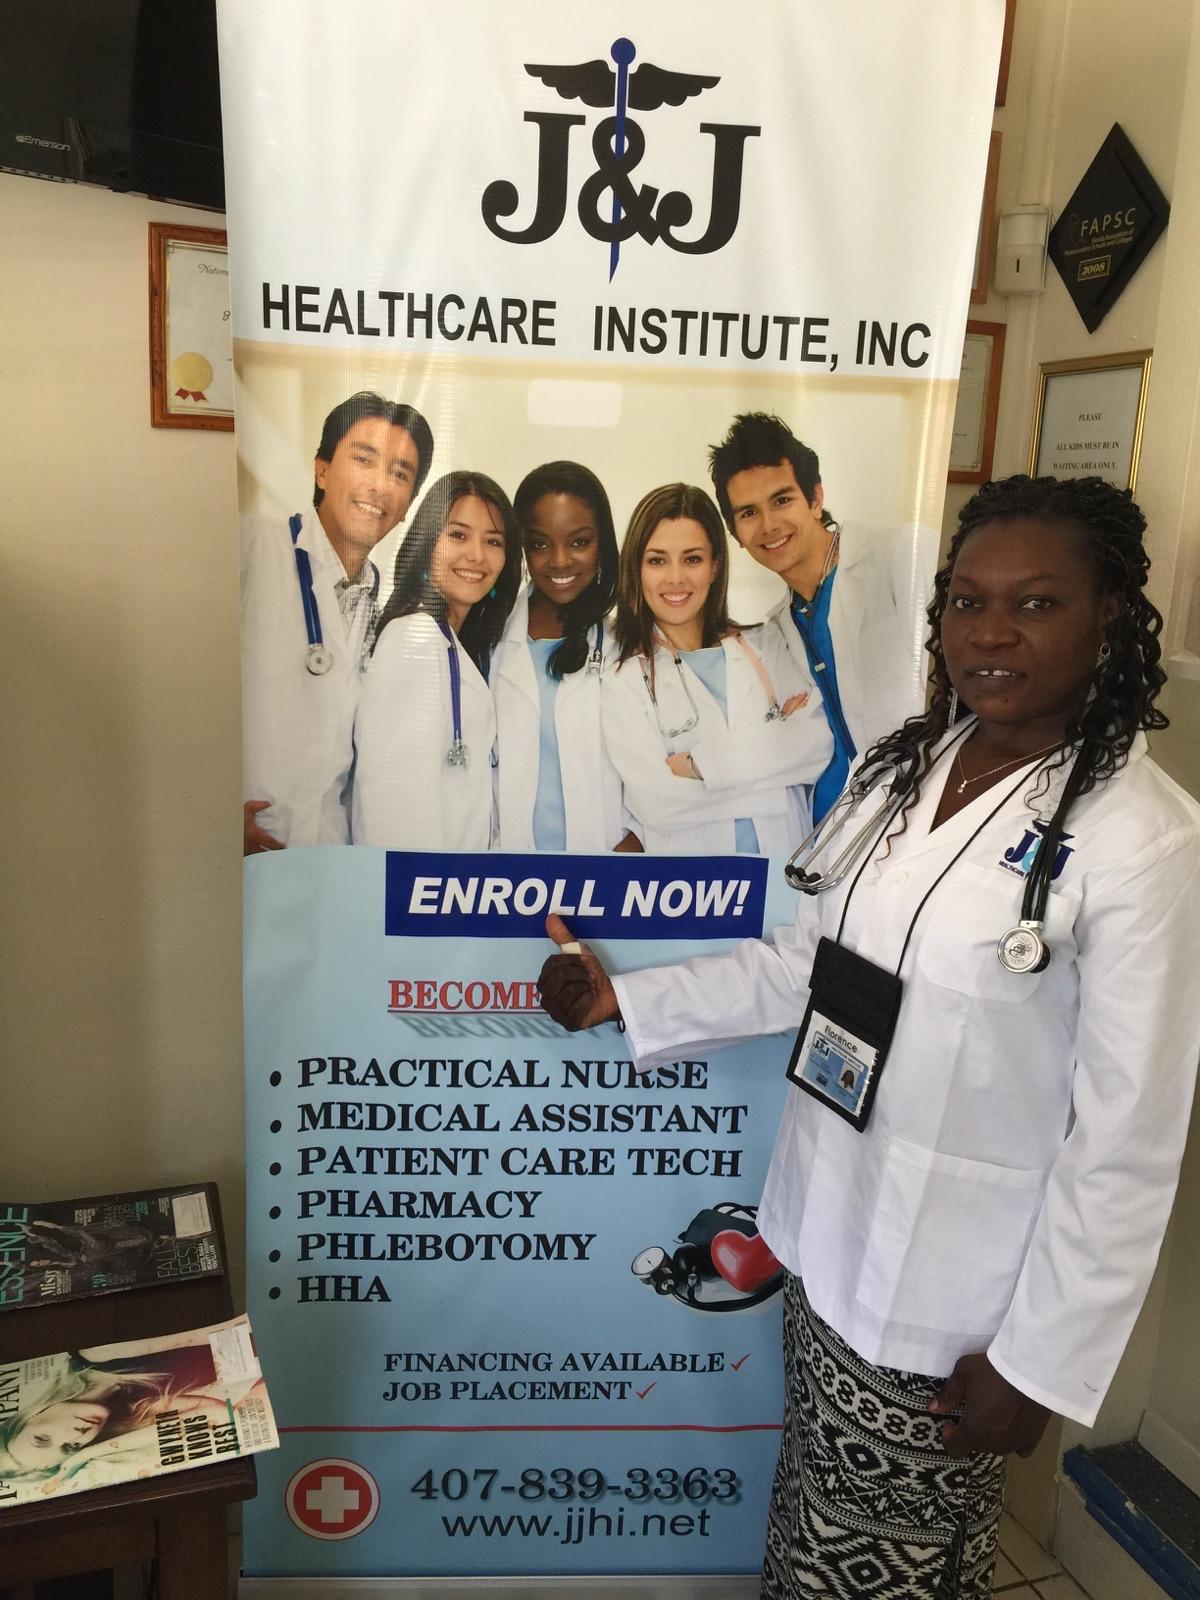 J&J Healthcare Institute Inc